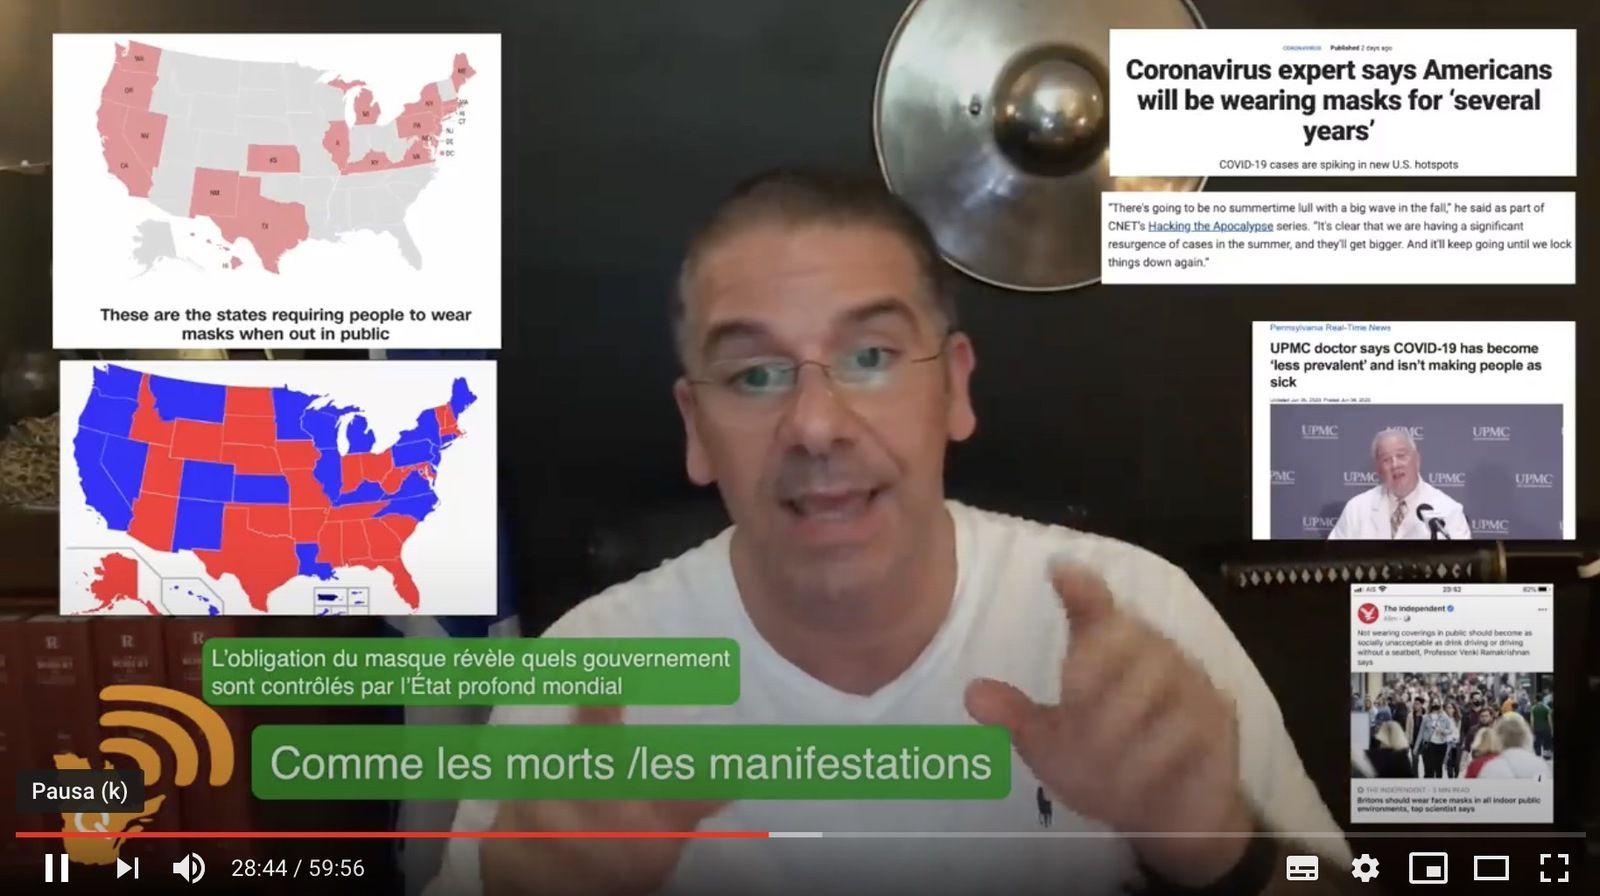 Cartes à gauche, les États US où le masque est obligatoire sont les États démocrates, et donc mondialistes.